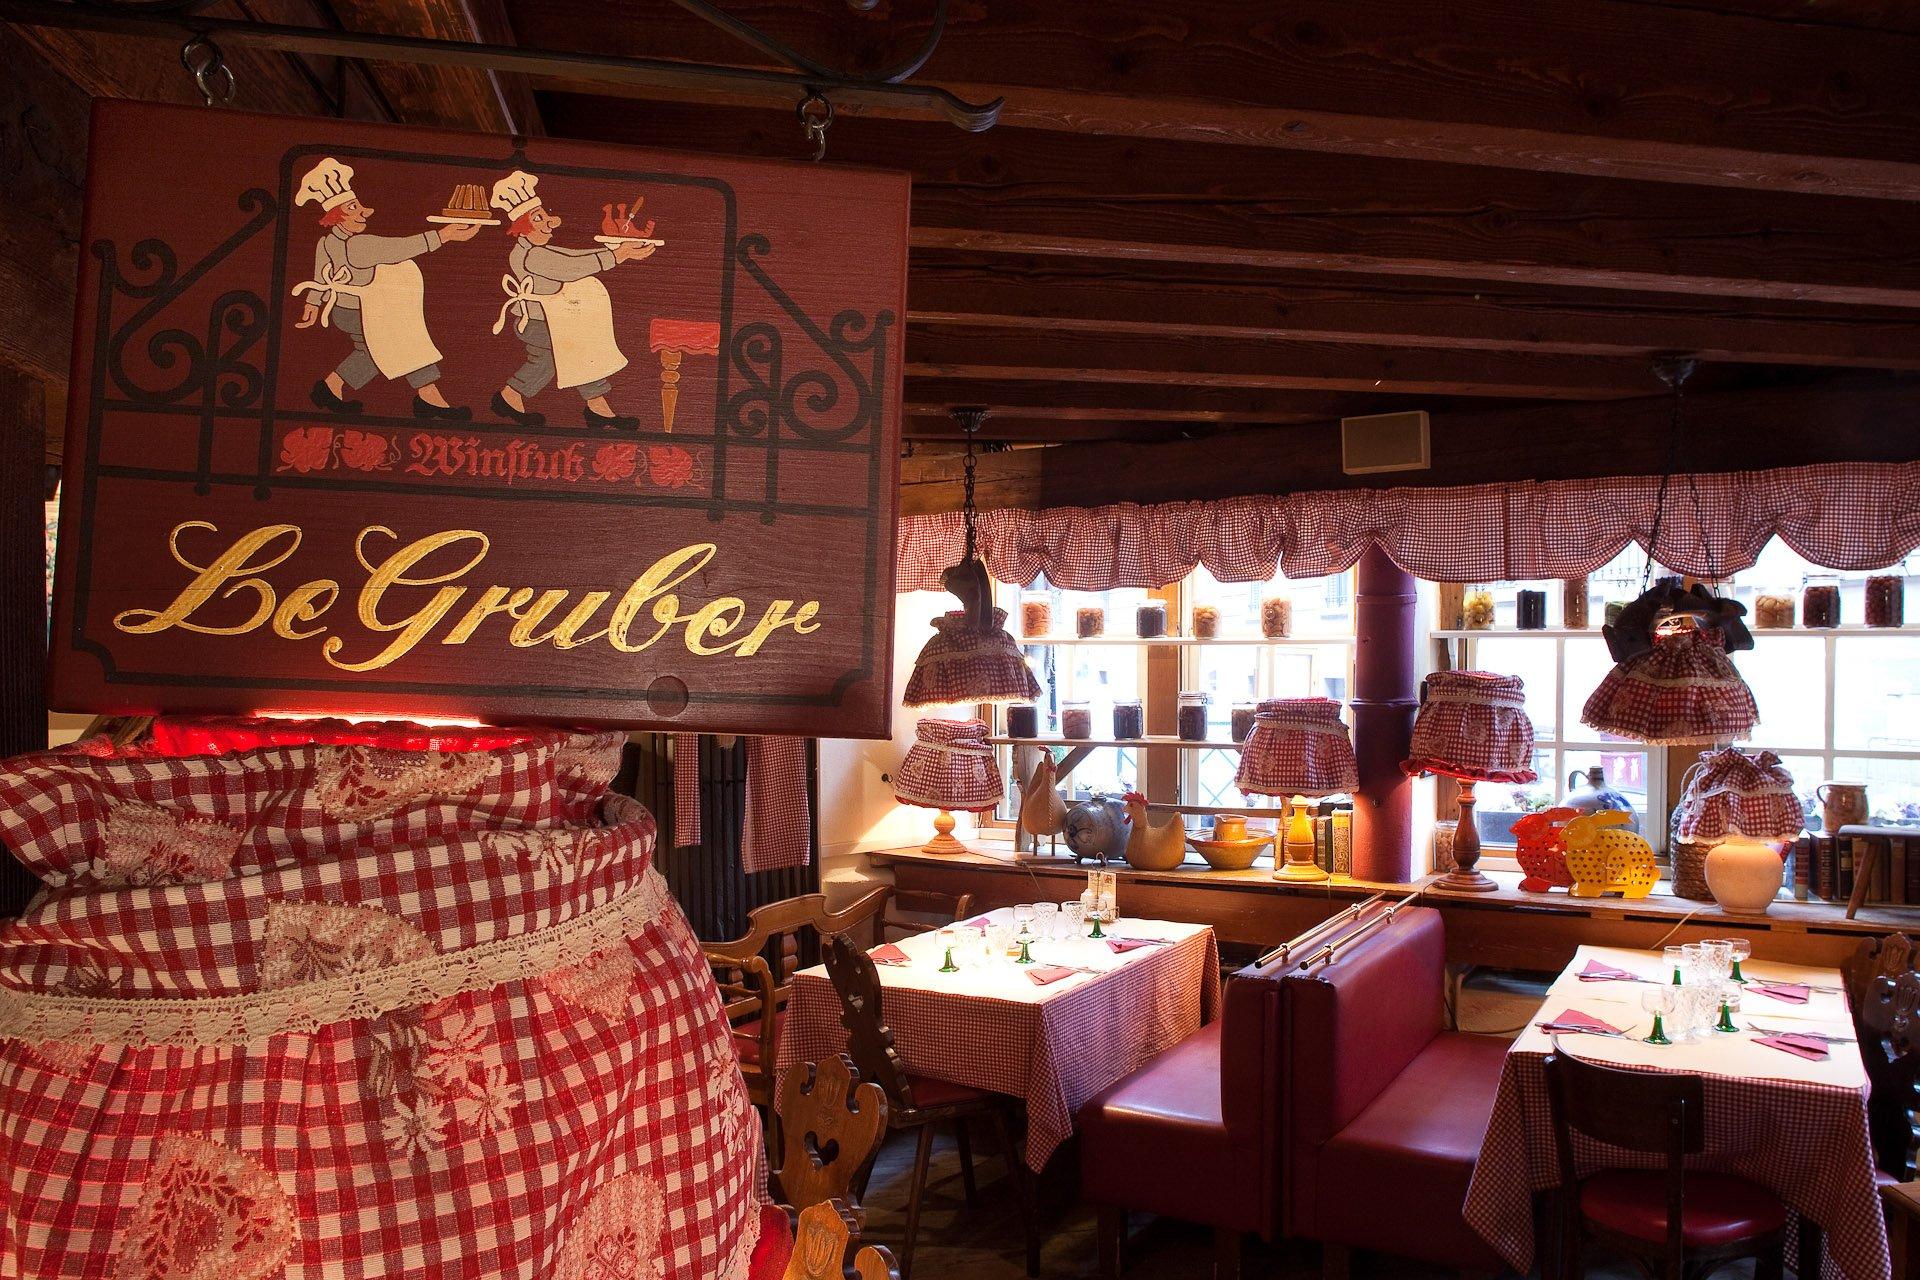 Le gruber strasbourg bas rhin offrir cadeau restaurant for Reso strasbourg